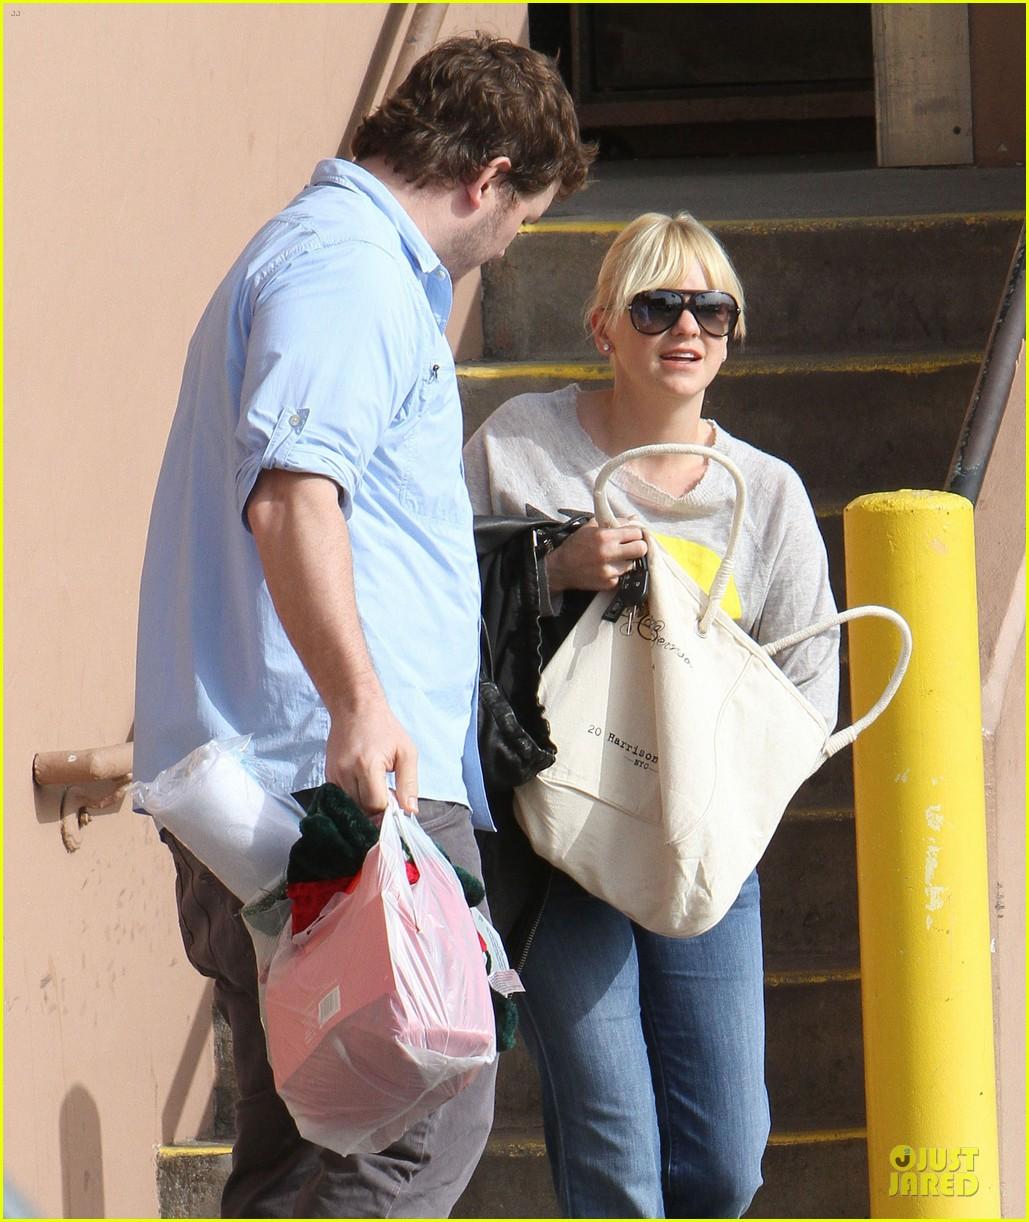 anna faris & chris pratt rite aide shopping couple 09